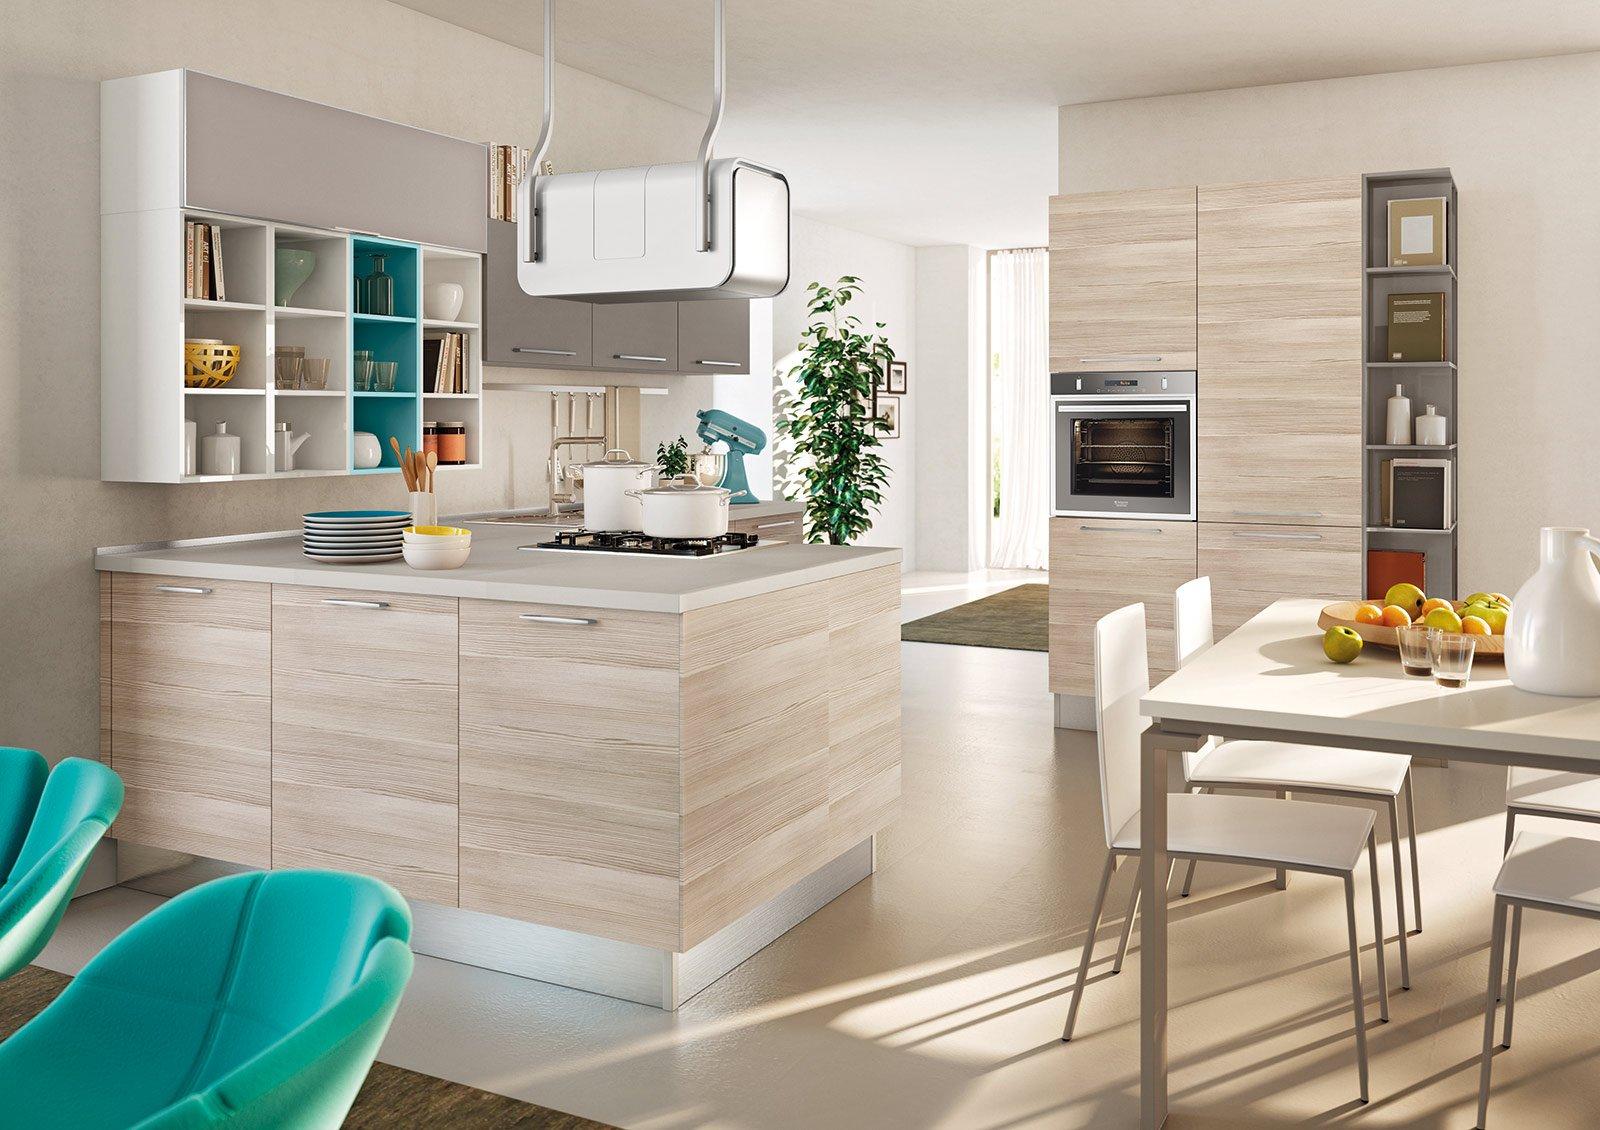 Cucine modelli dall 39 anima green cose di casa for Immagini per cucina